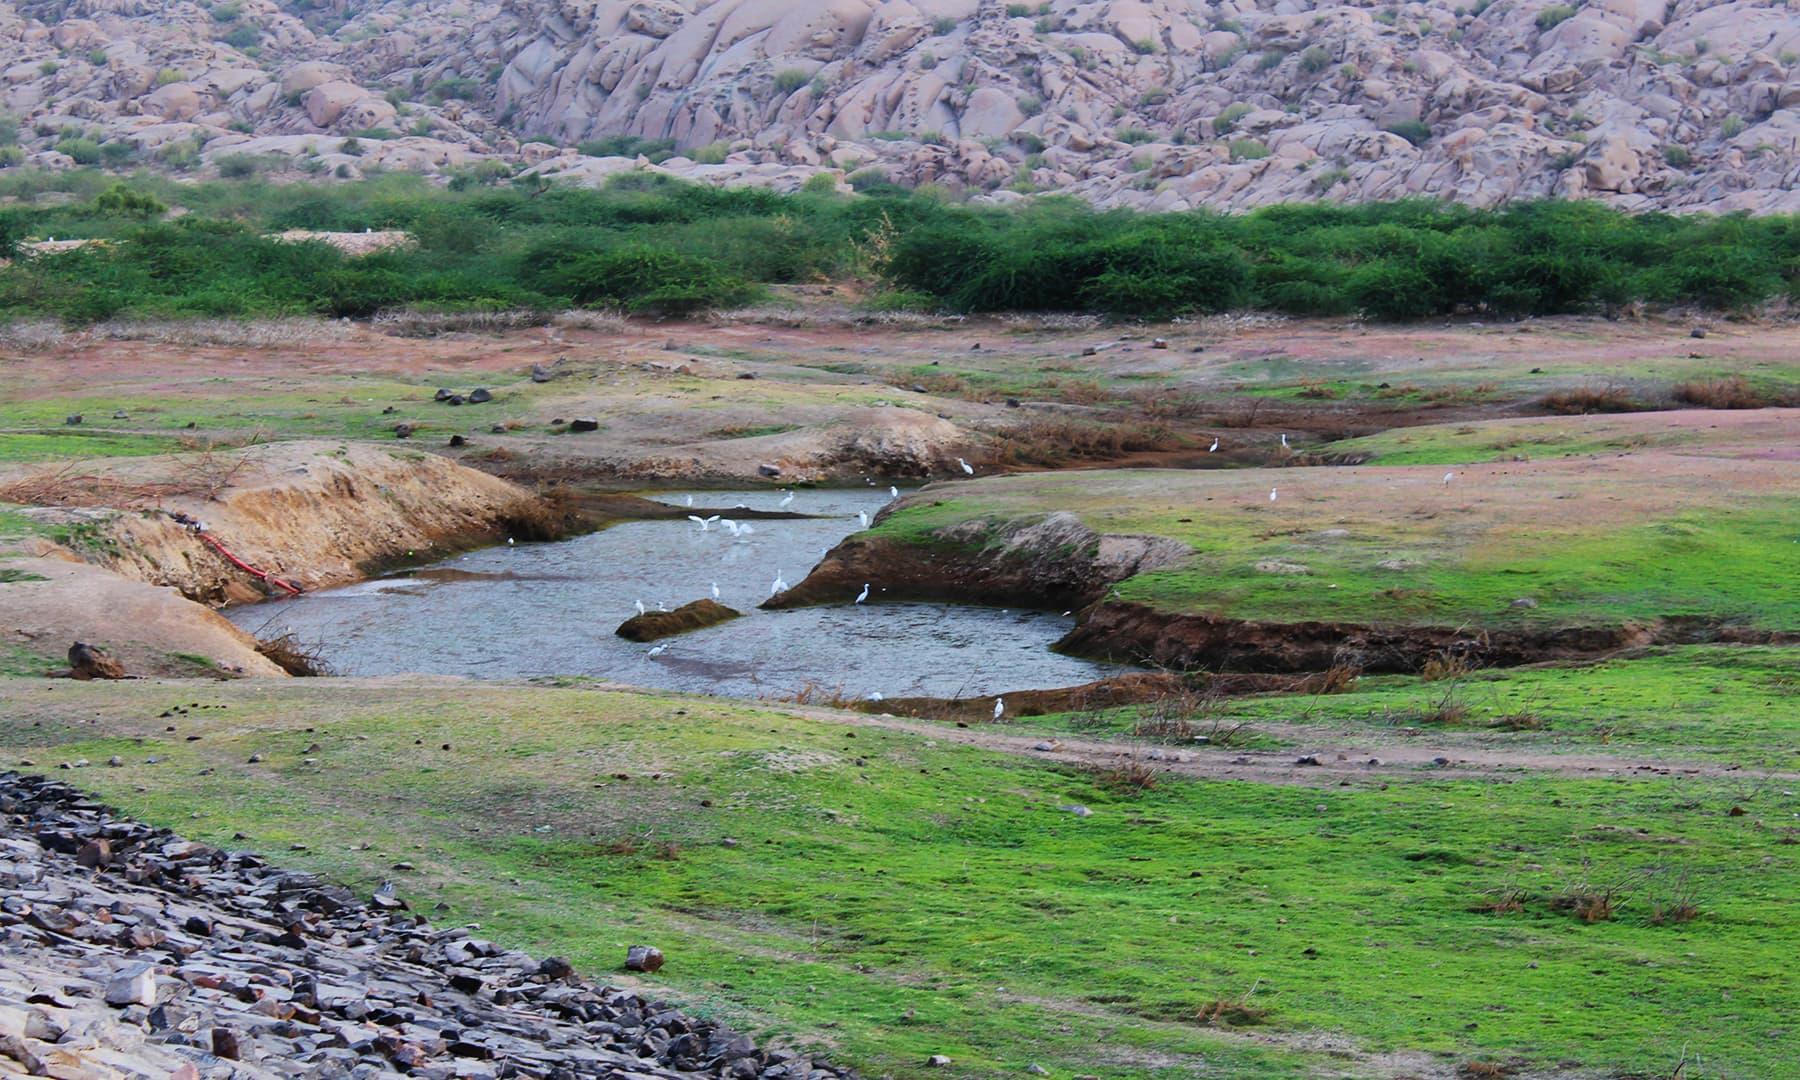 کارونجھر پہاڑ کا علاقہ بارش کے بعد سبز و شاداب ہو جاتا ہے— فوٹو اختر حفیظ۔